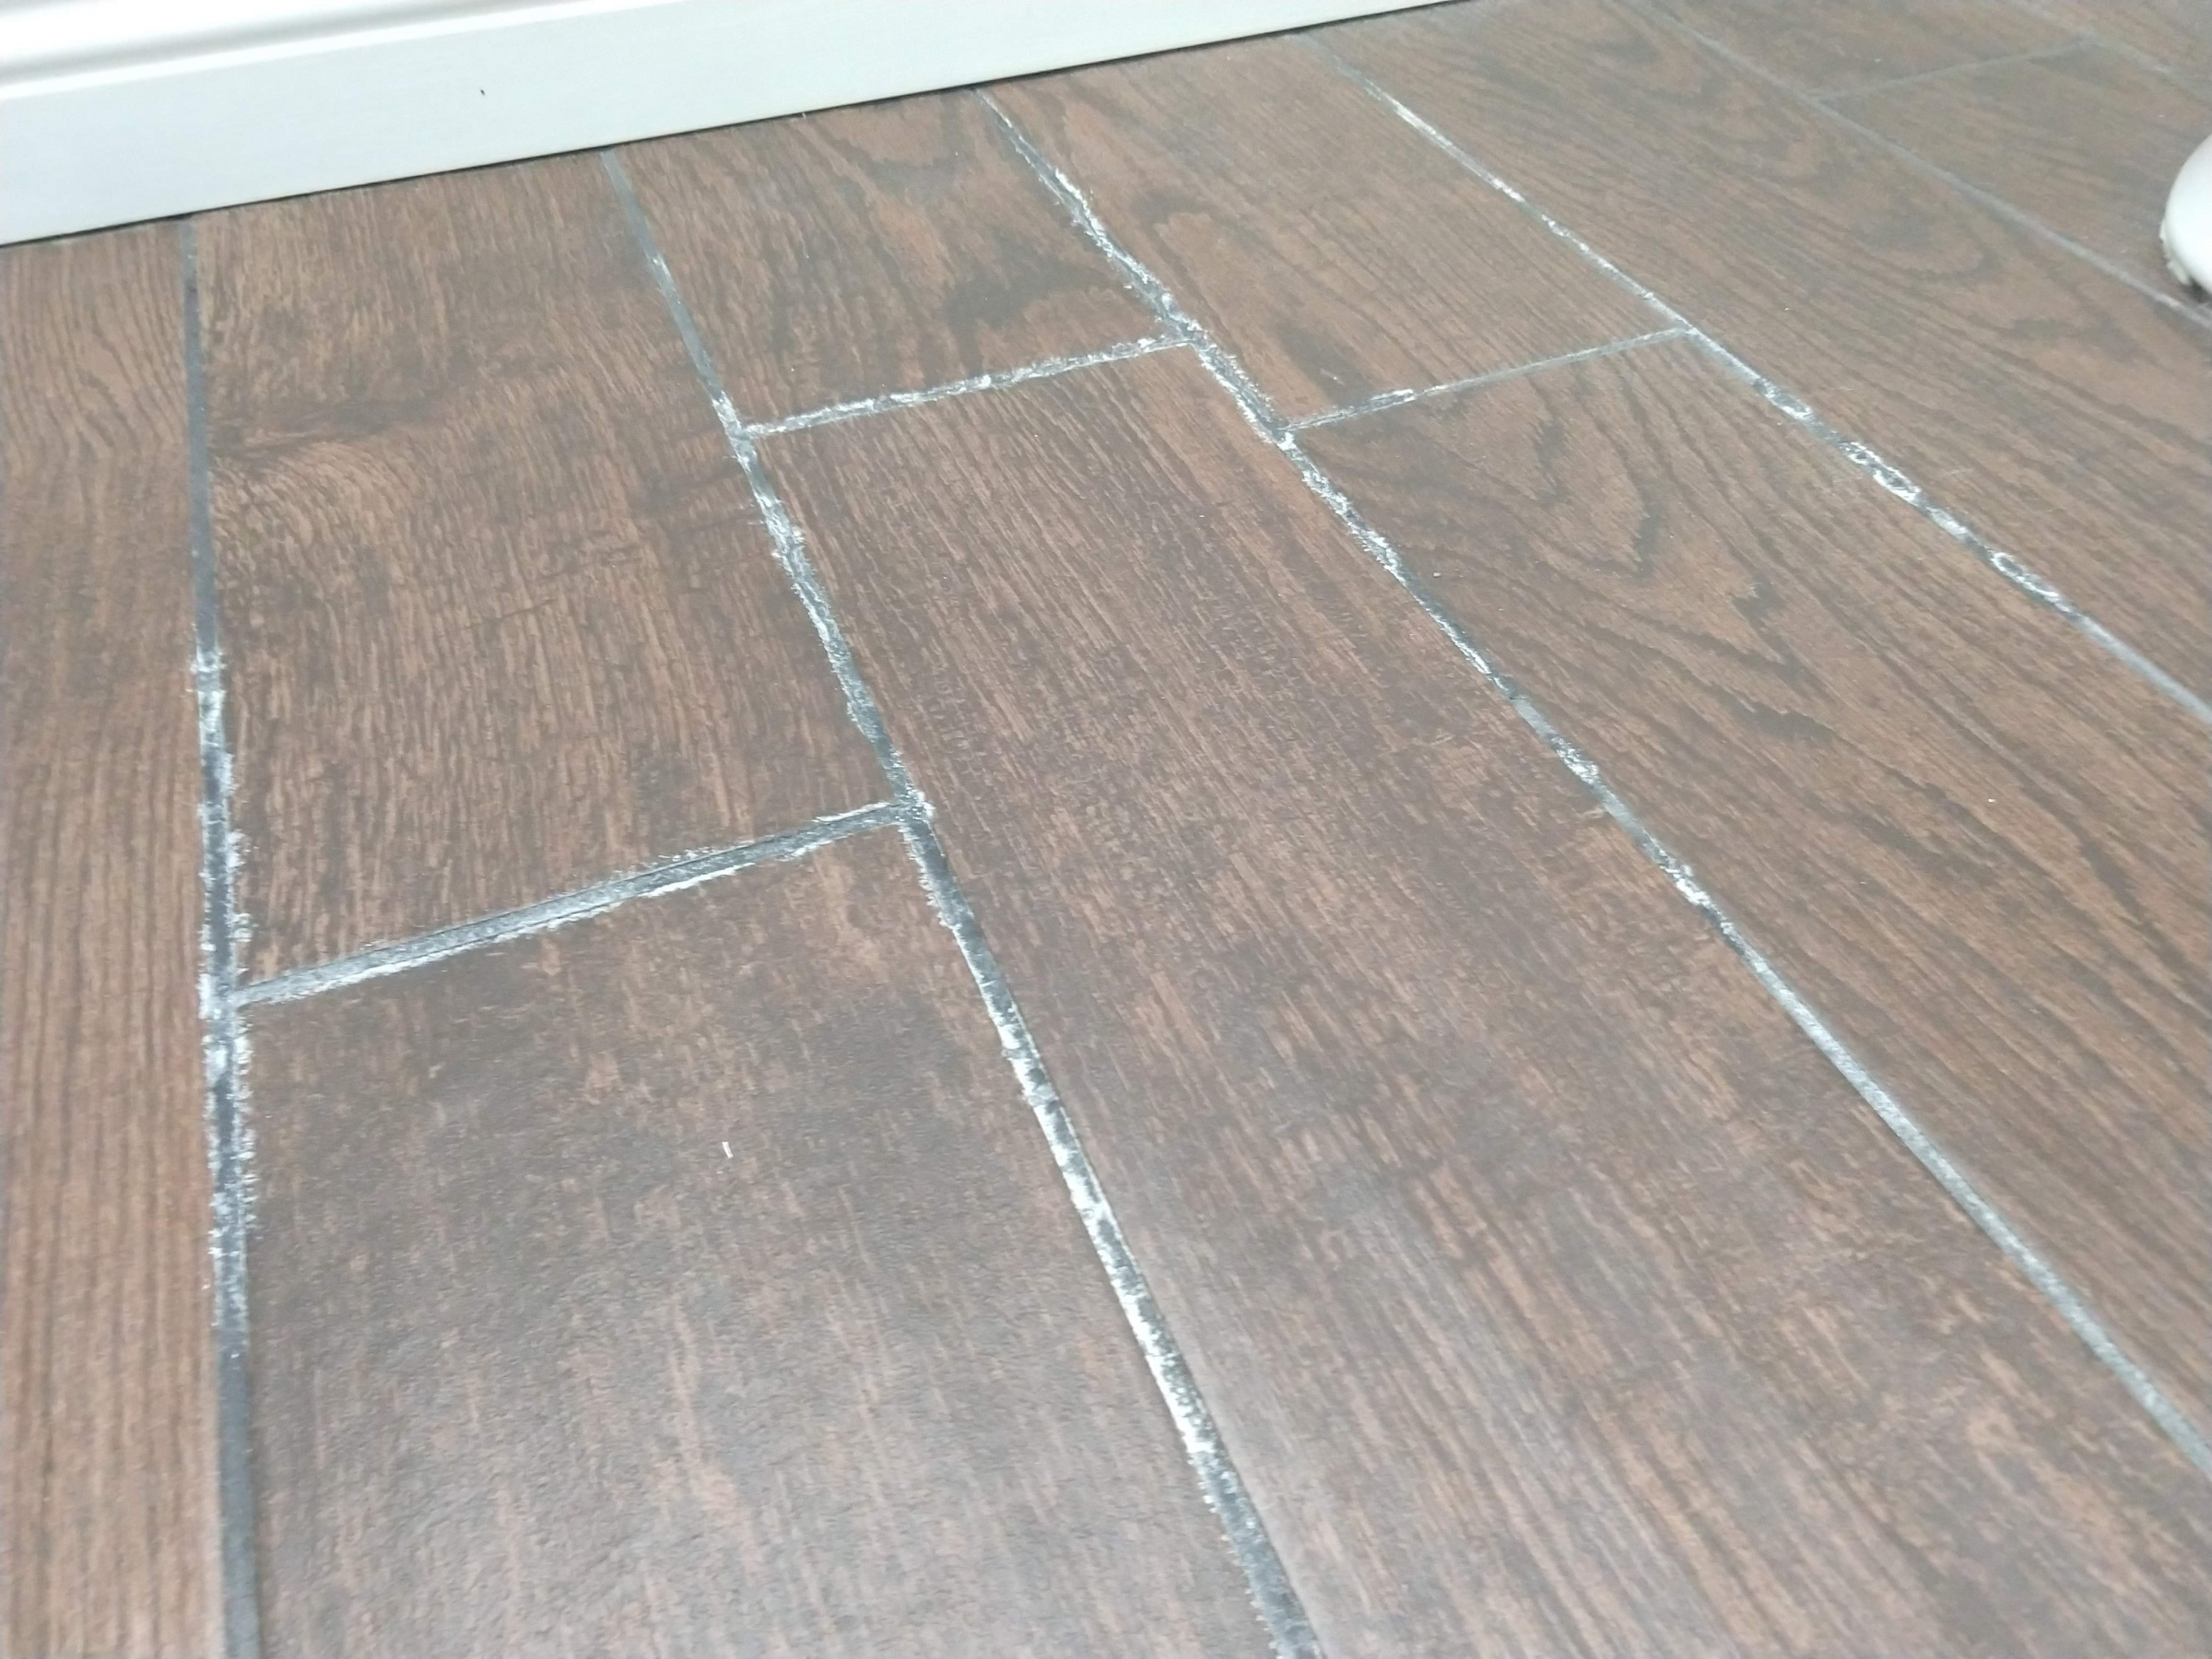 Bathroom Floor Leak Through Tile Grout - Plumbing - DIY ...